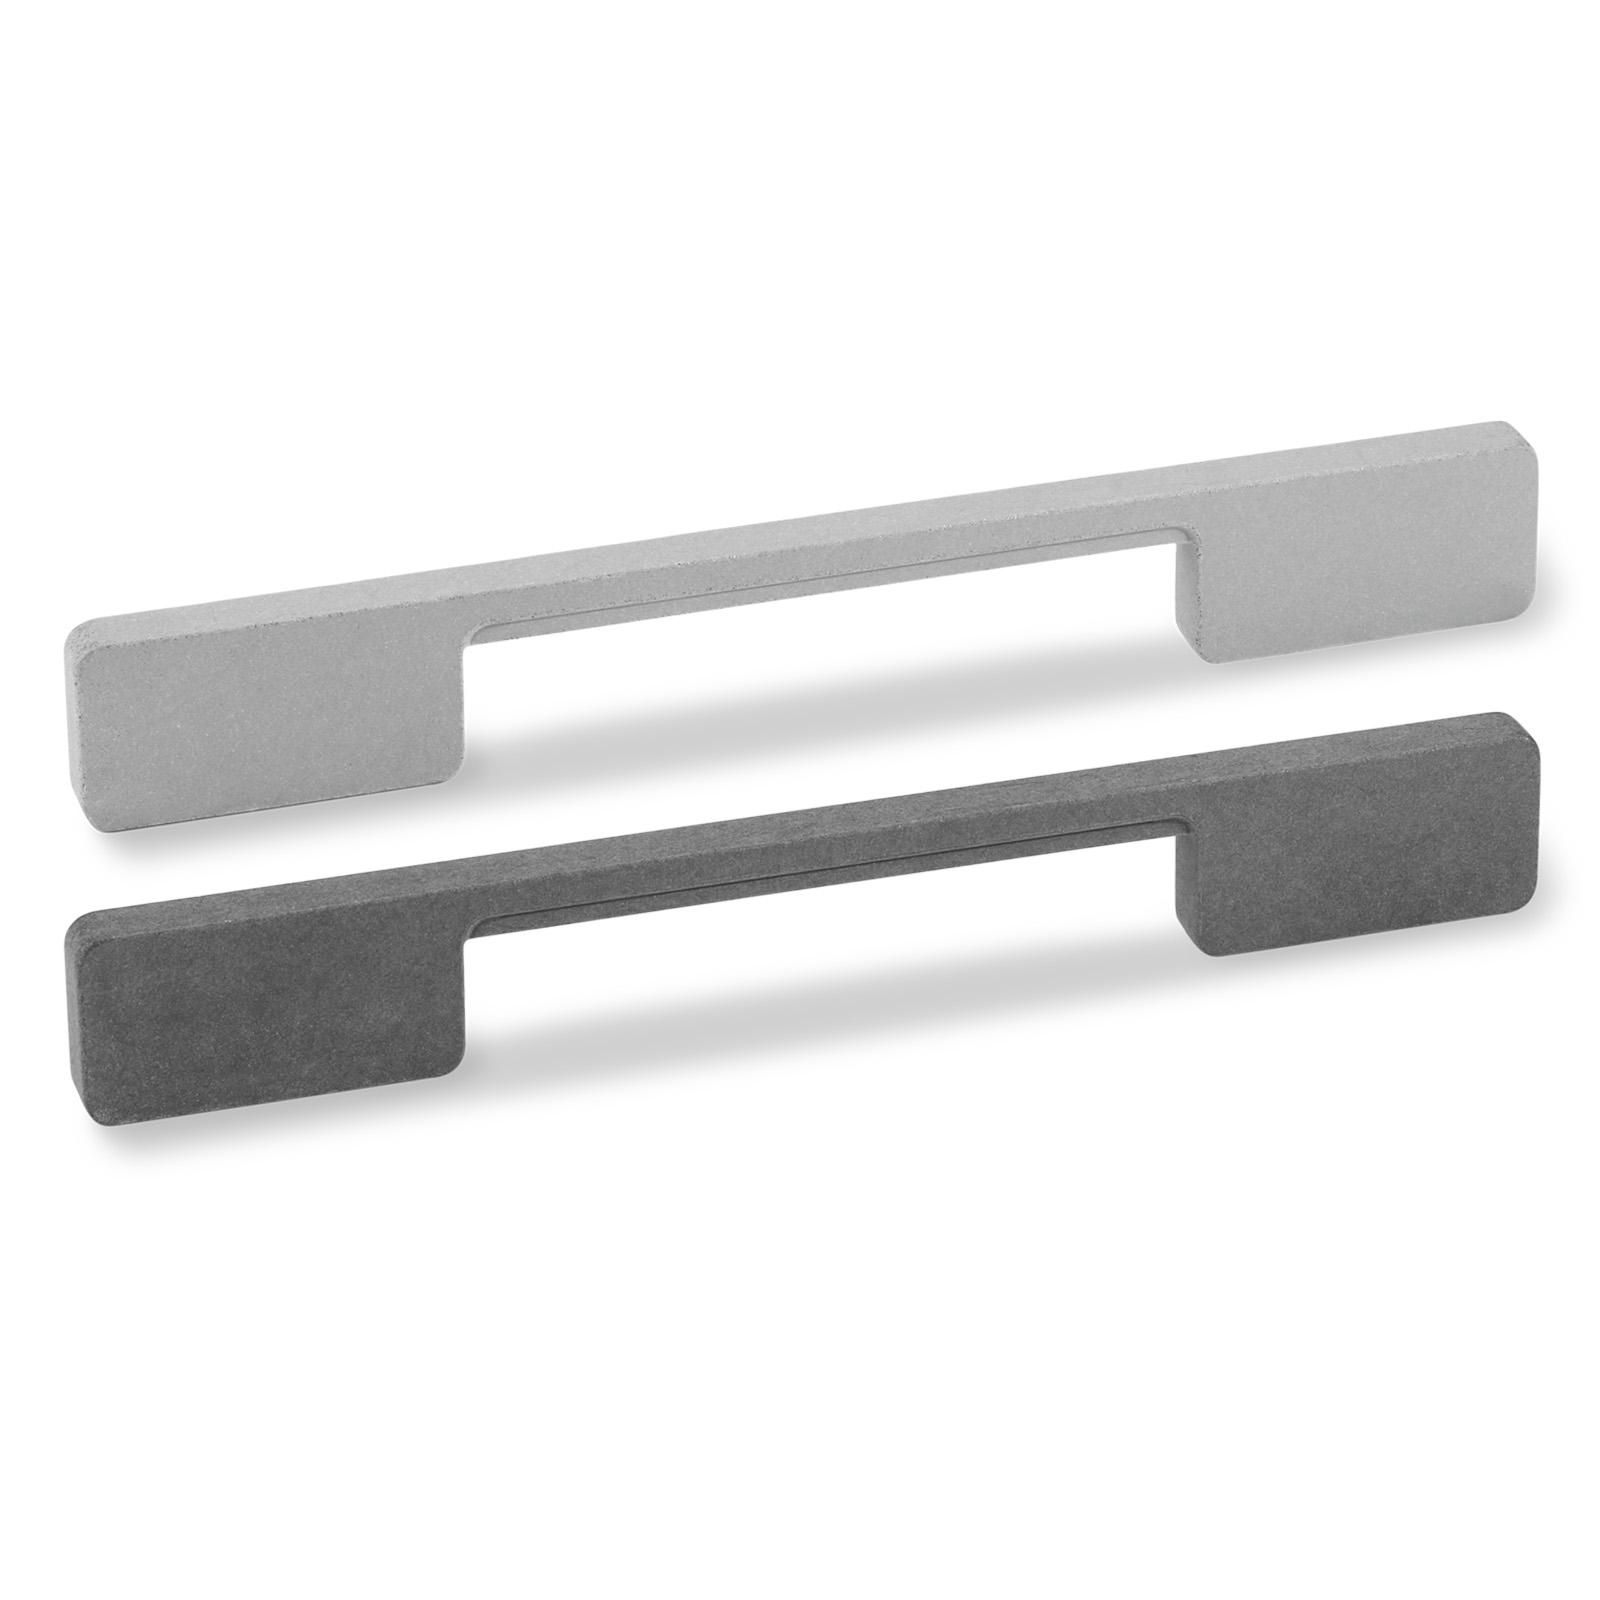 Möbelgriffe BA 32 mm Möbelgriff Schubladengriffe Edelstahl Schrankgriffe